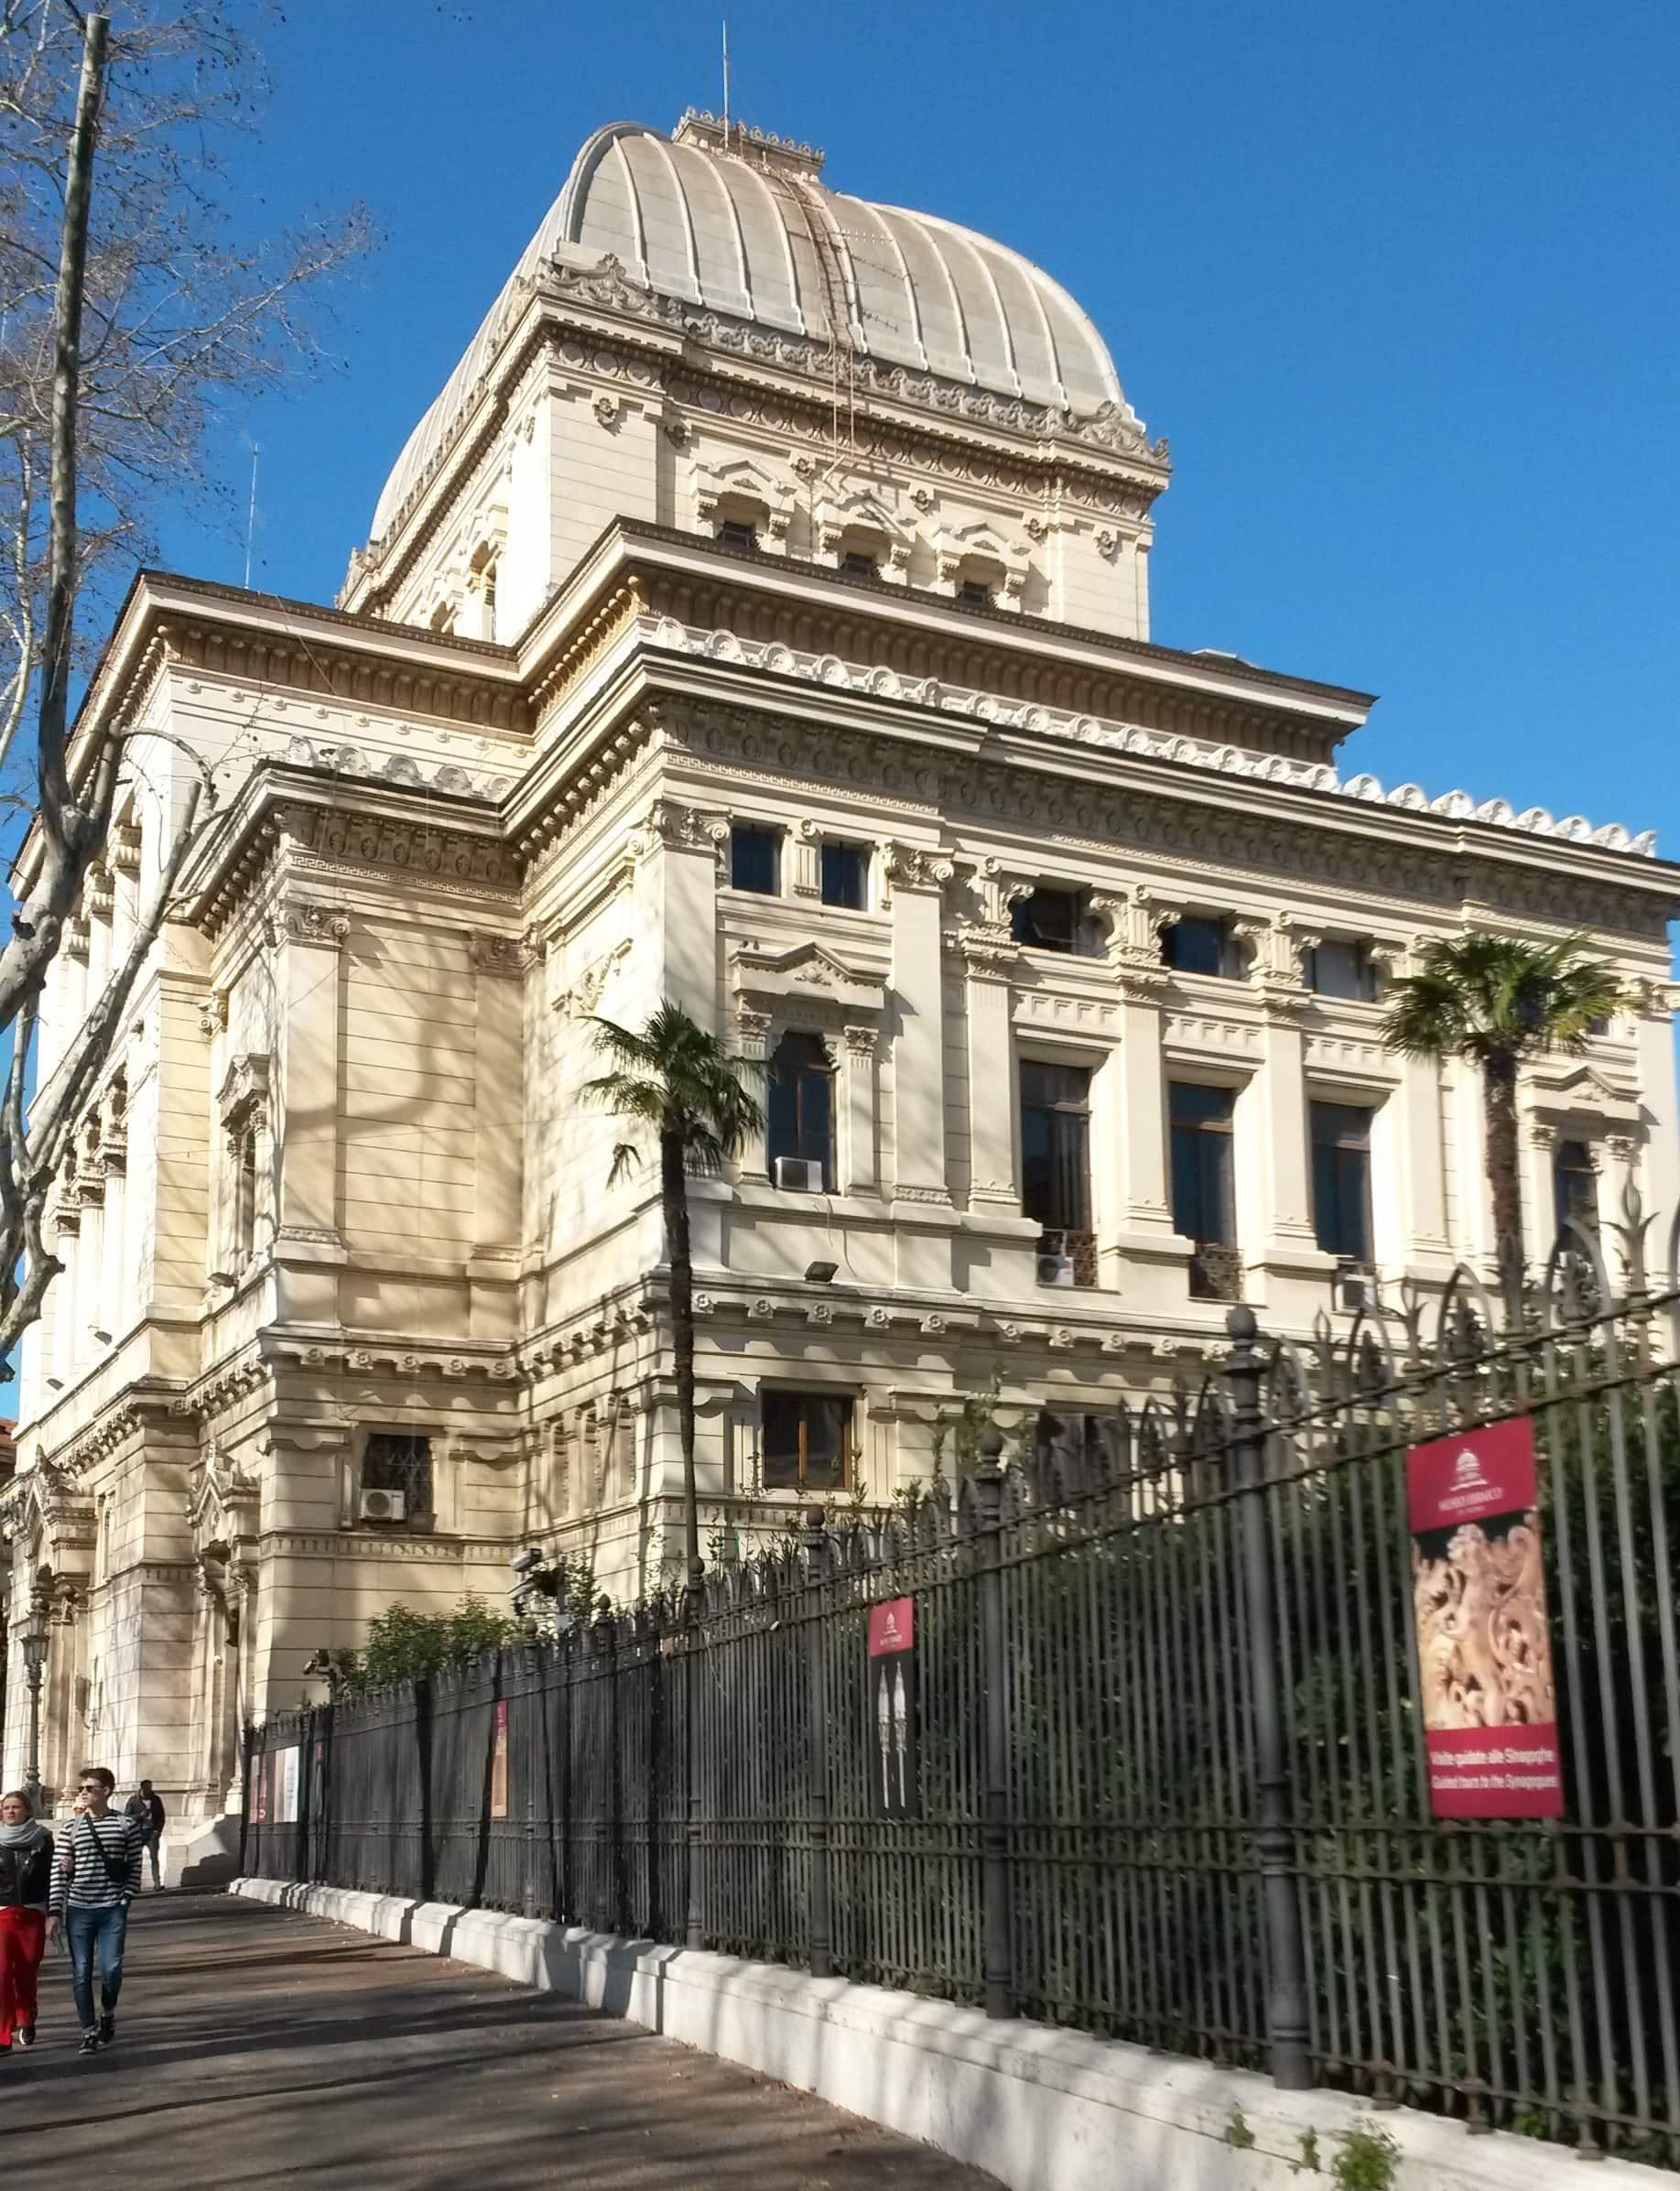 בית הכנסת הגדול של רומא